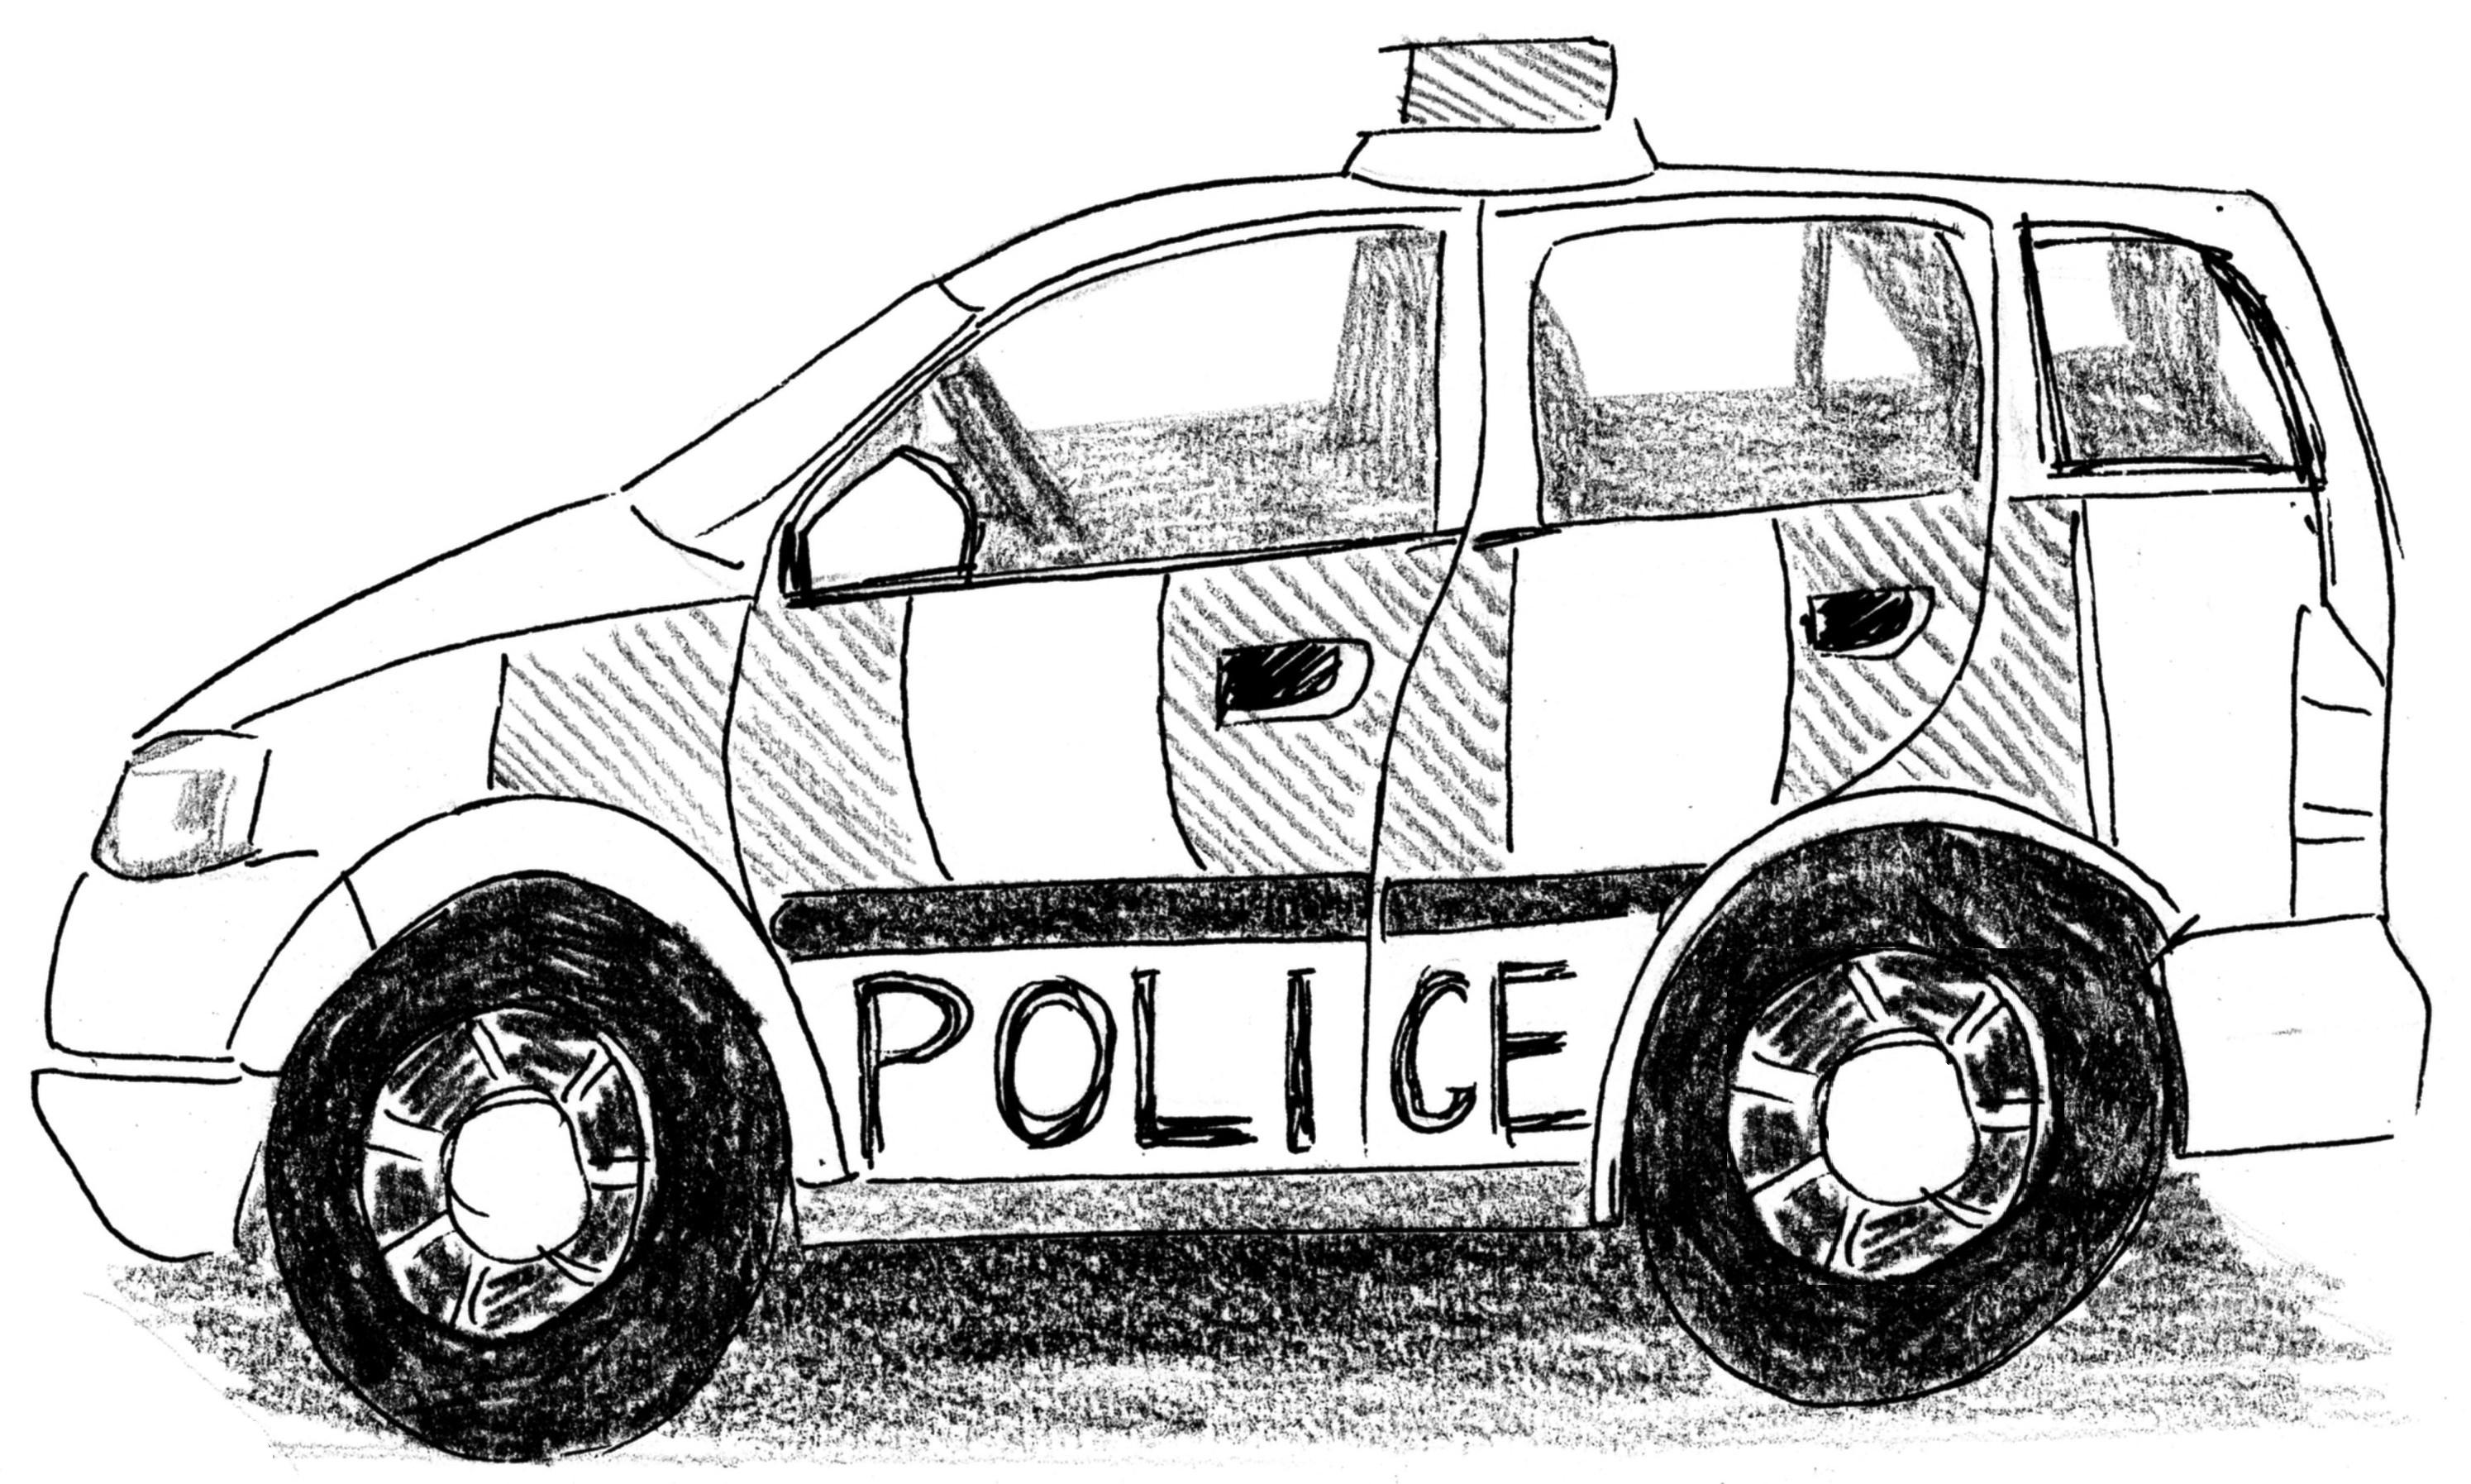 No Police Car